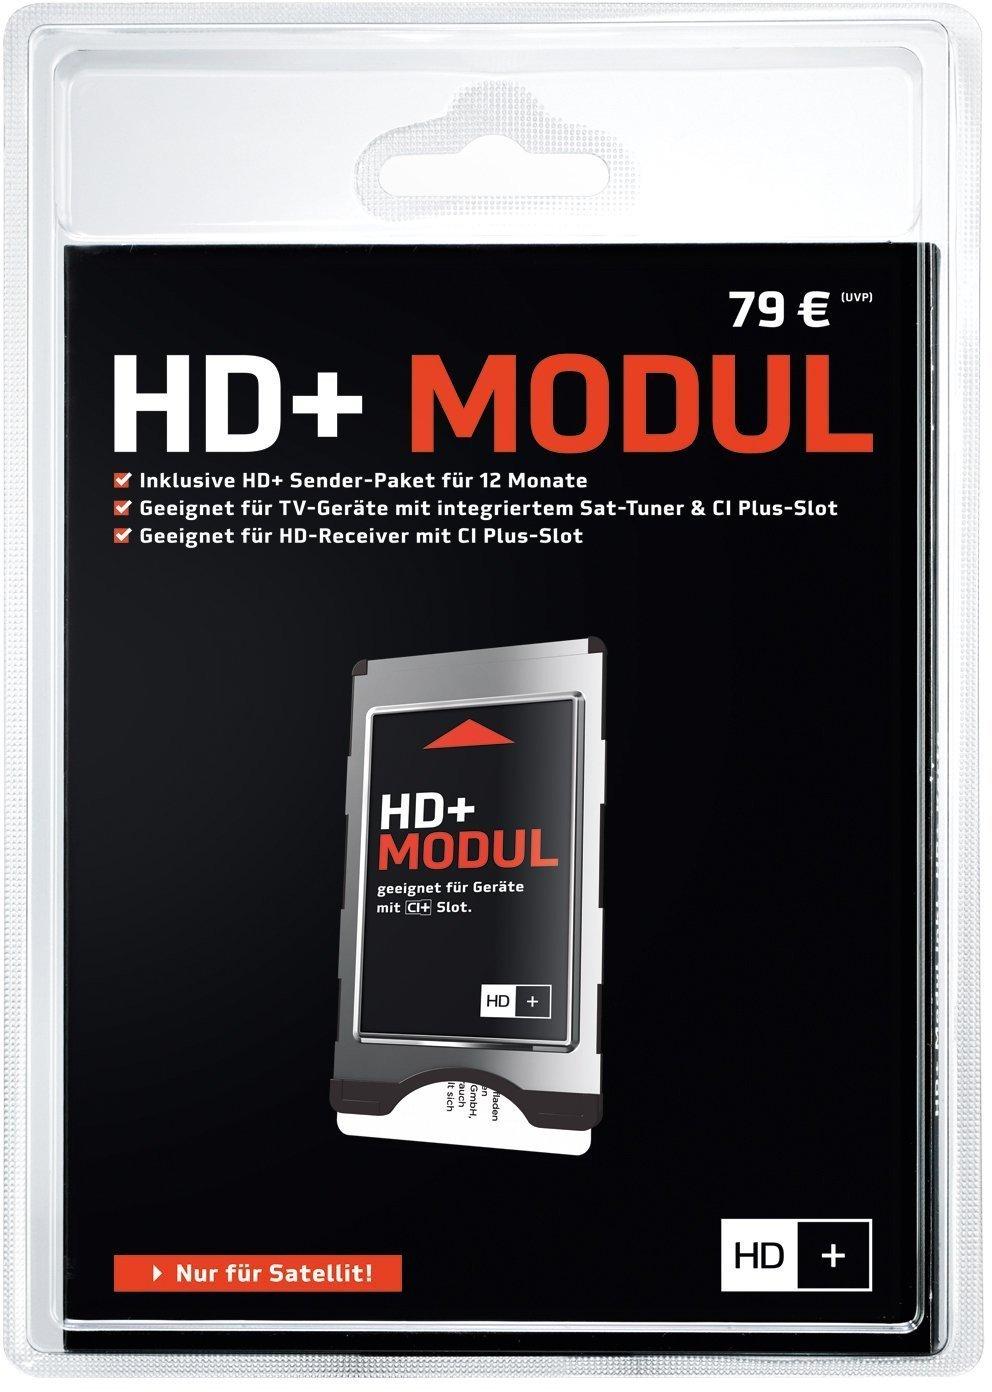 HD PLUS CI+ Modul für 12 Monate (inkl. HD+ Karte) - 59,00 für die nächsten 2,5 Stunden